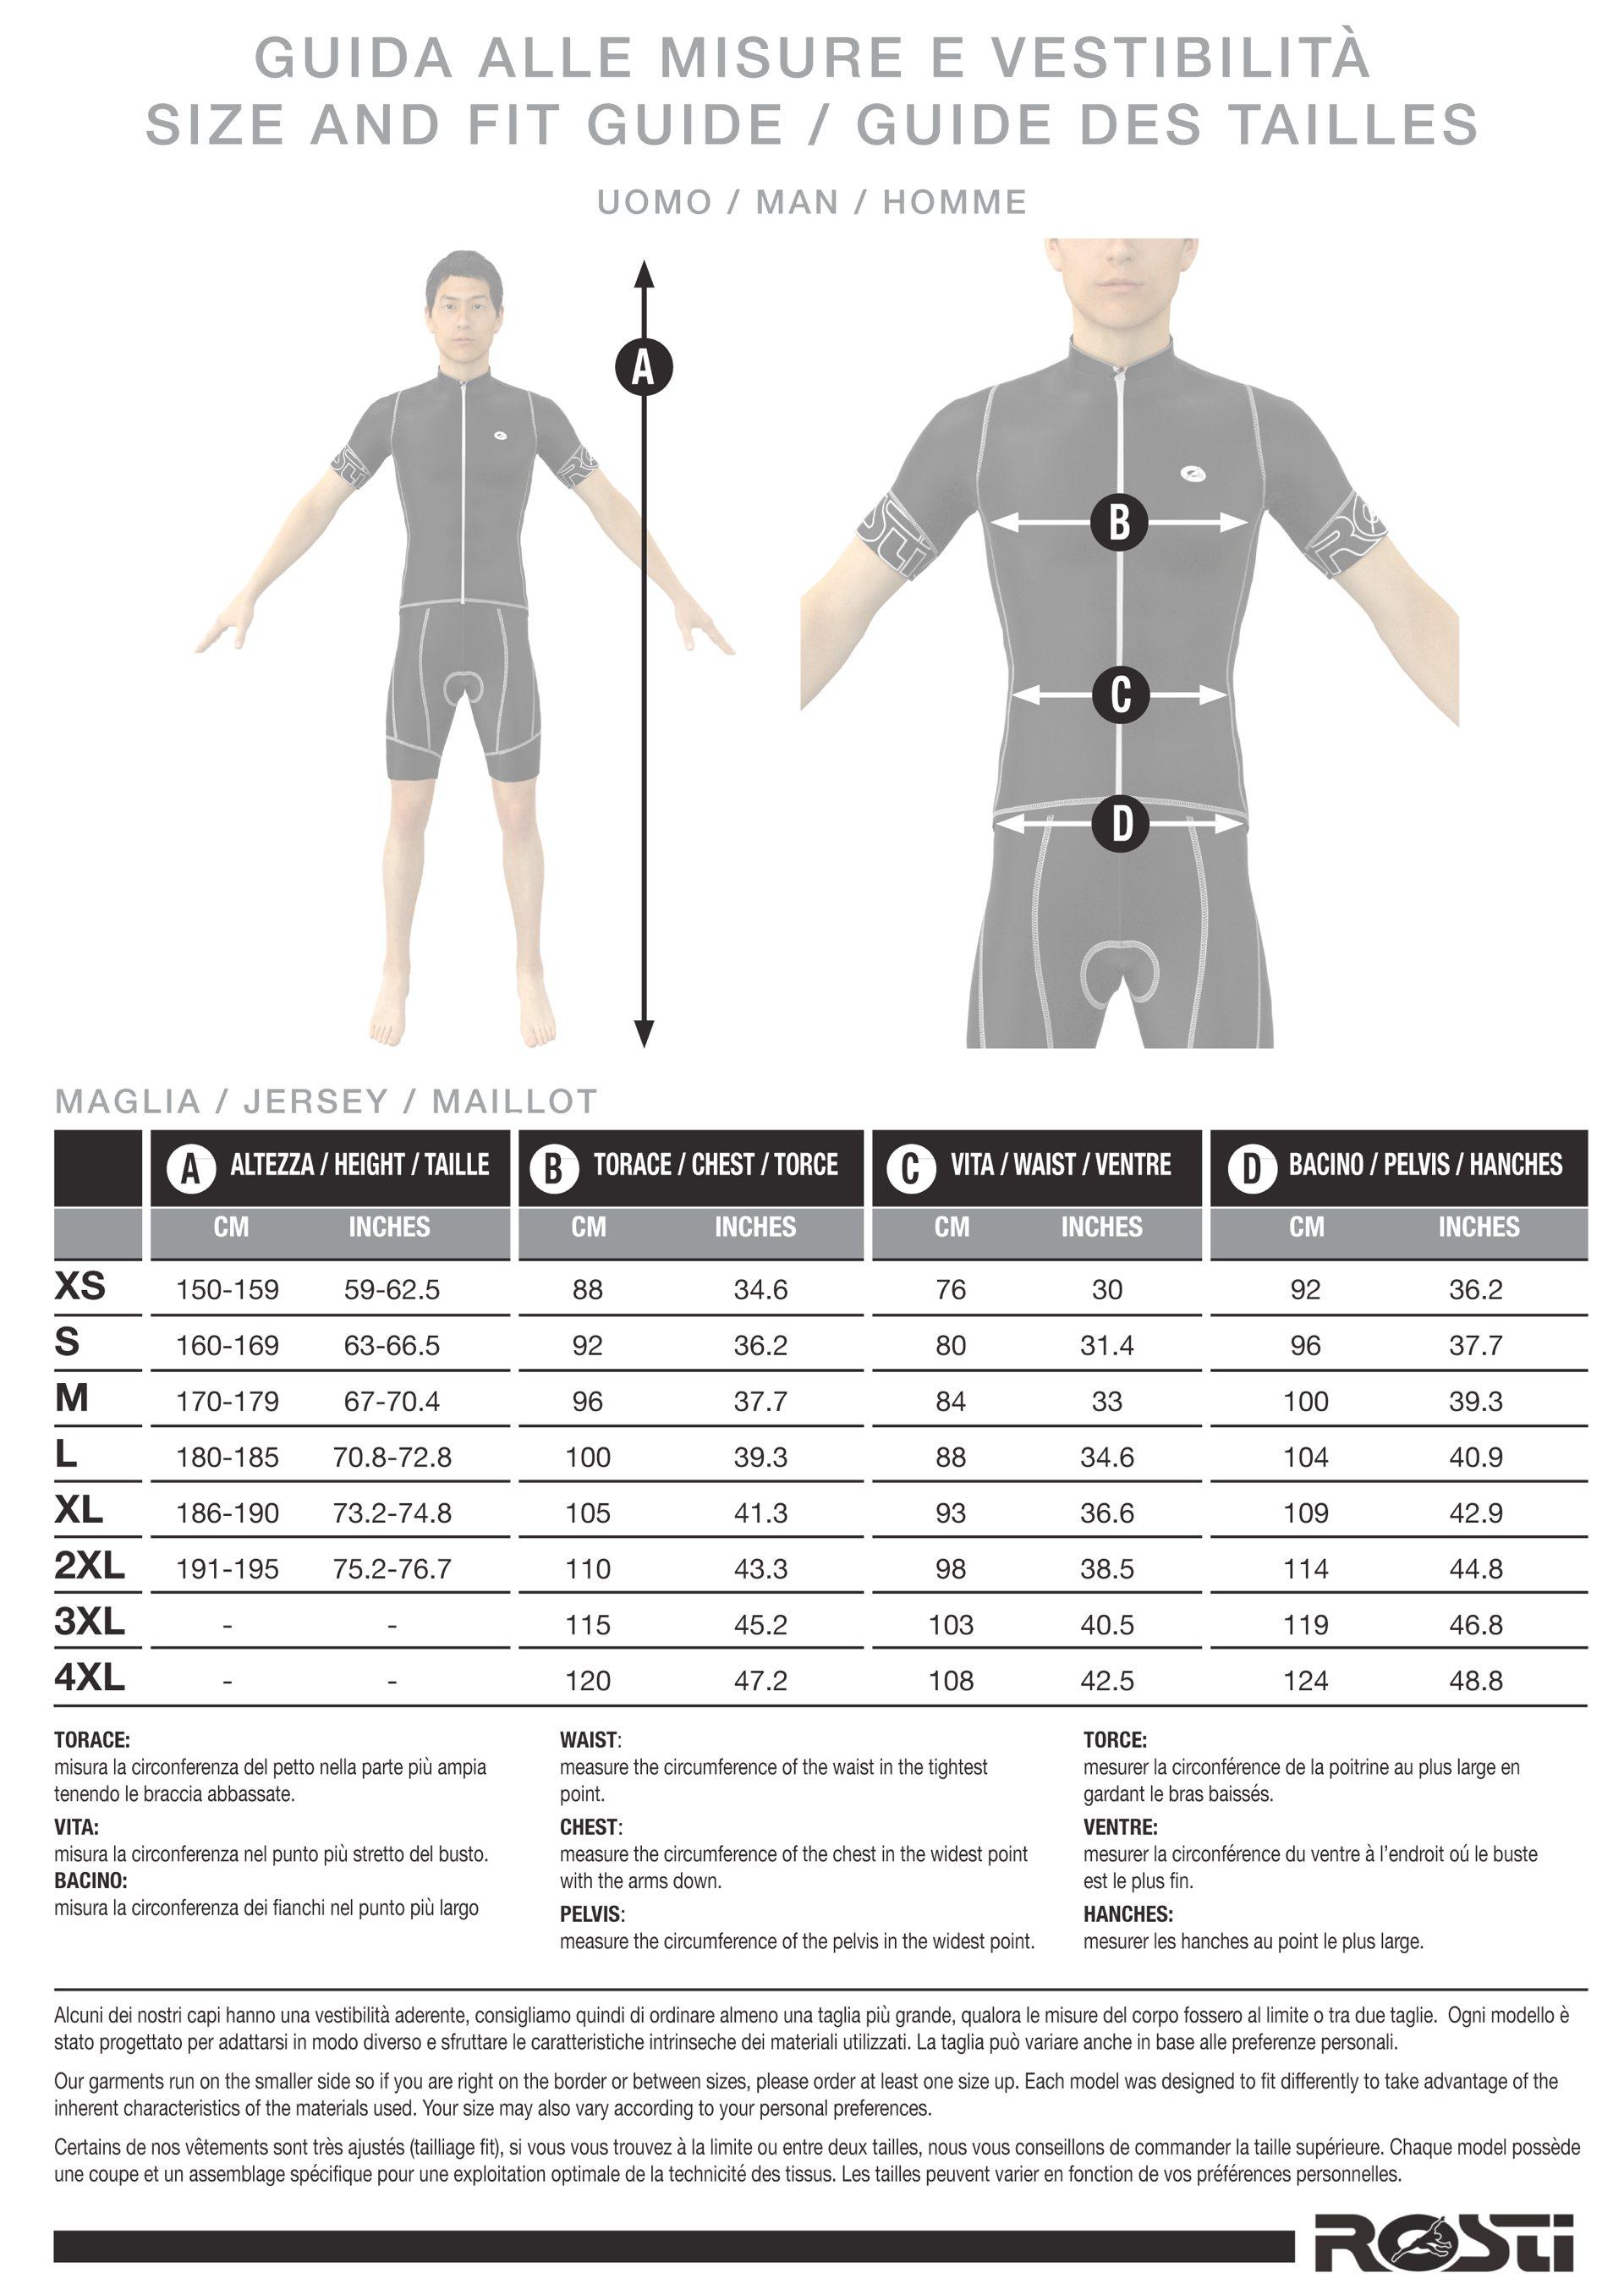 Guide des tailles maillots pour homme